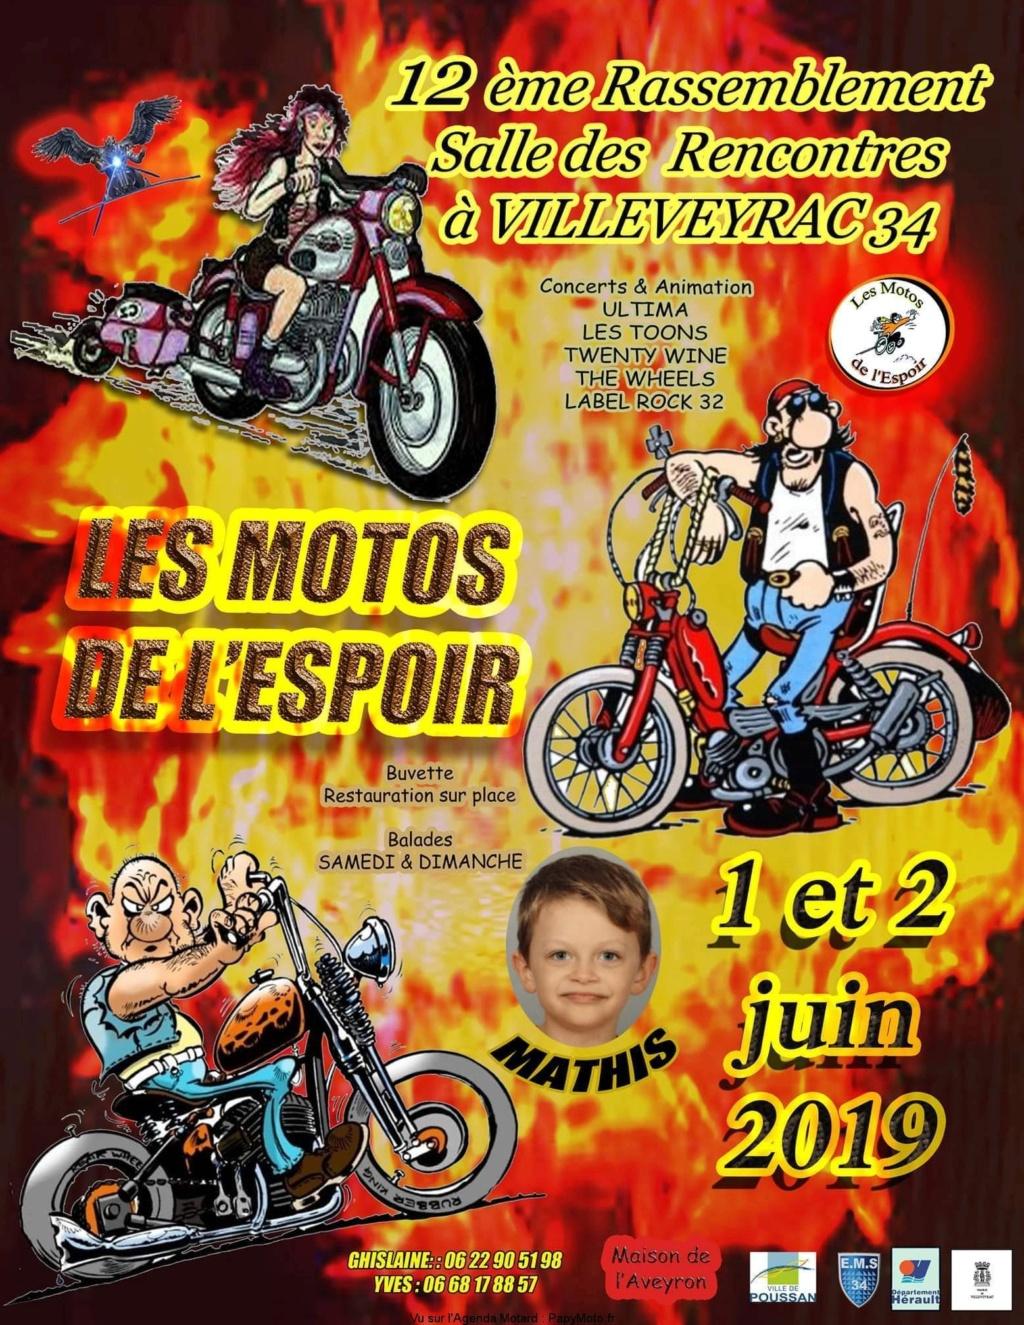 Rassemblement - 1 er & 2 Juin 2019 - Villeveyrac  (34) 12e-ra10